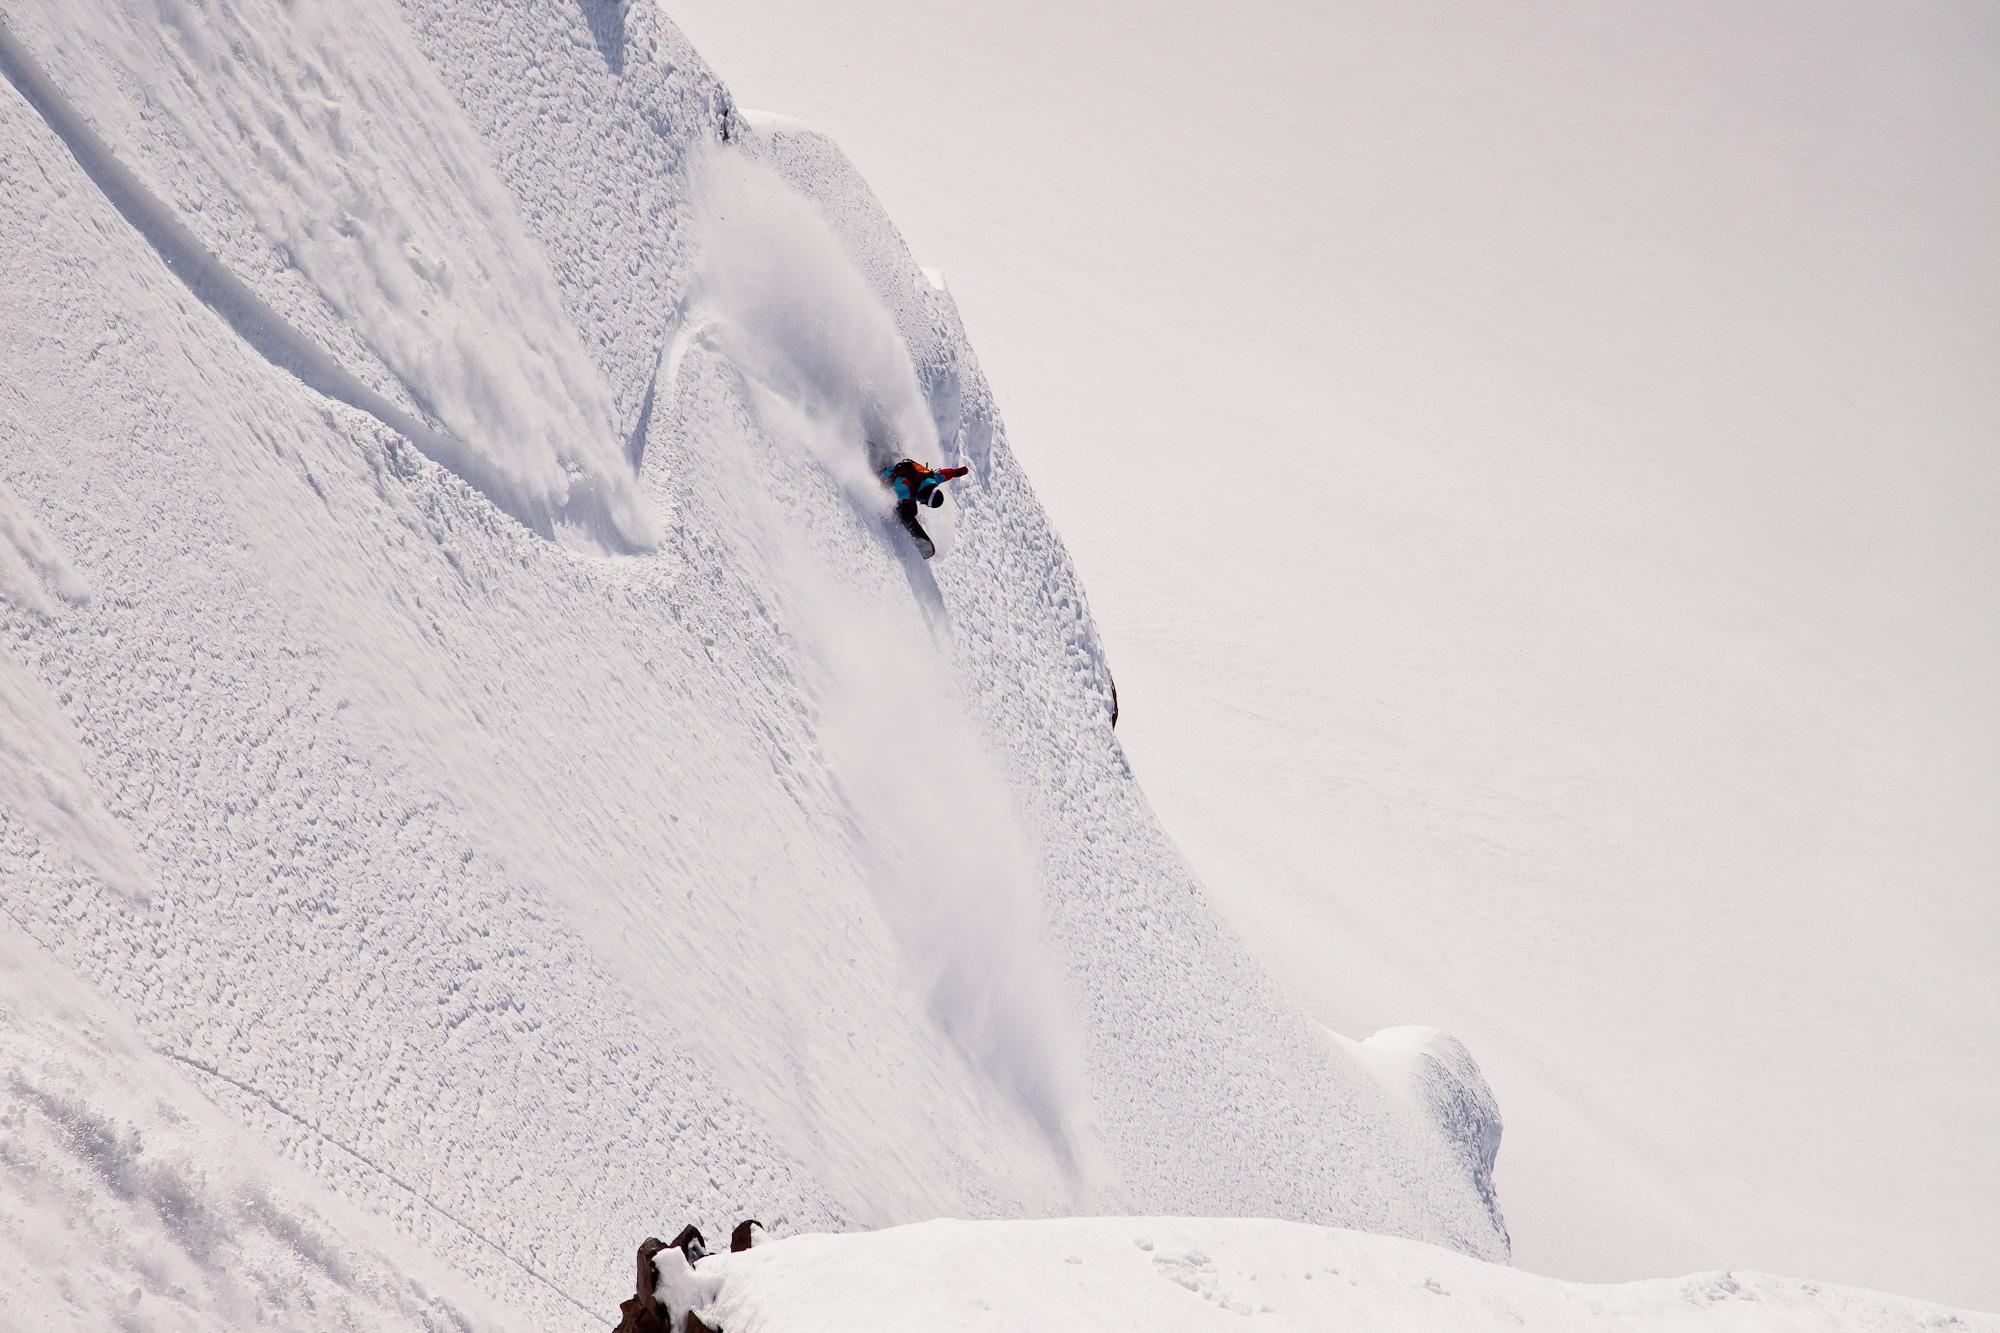 Lucas Debari, Real Snow Backcountry